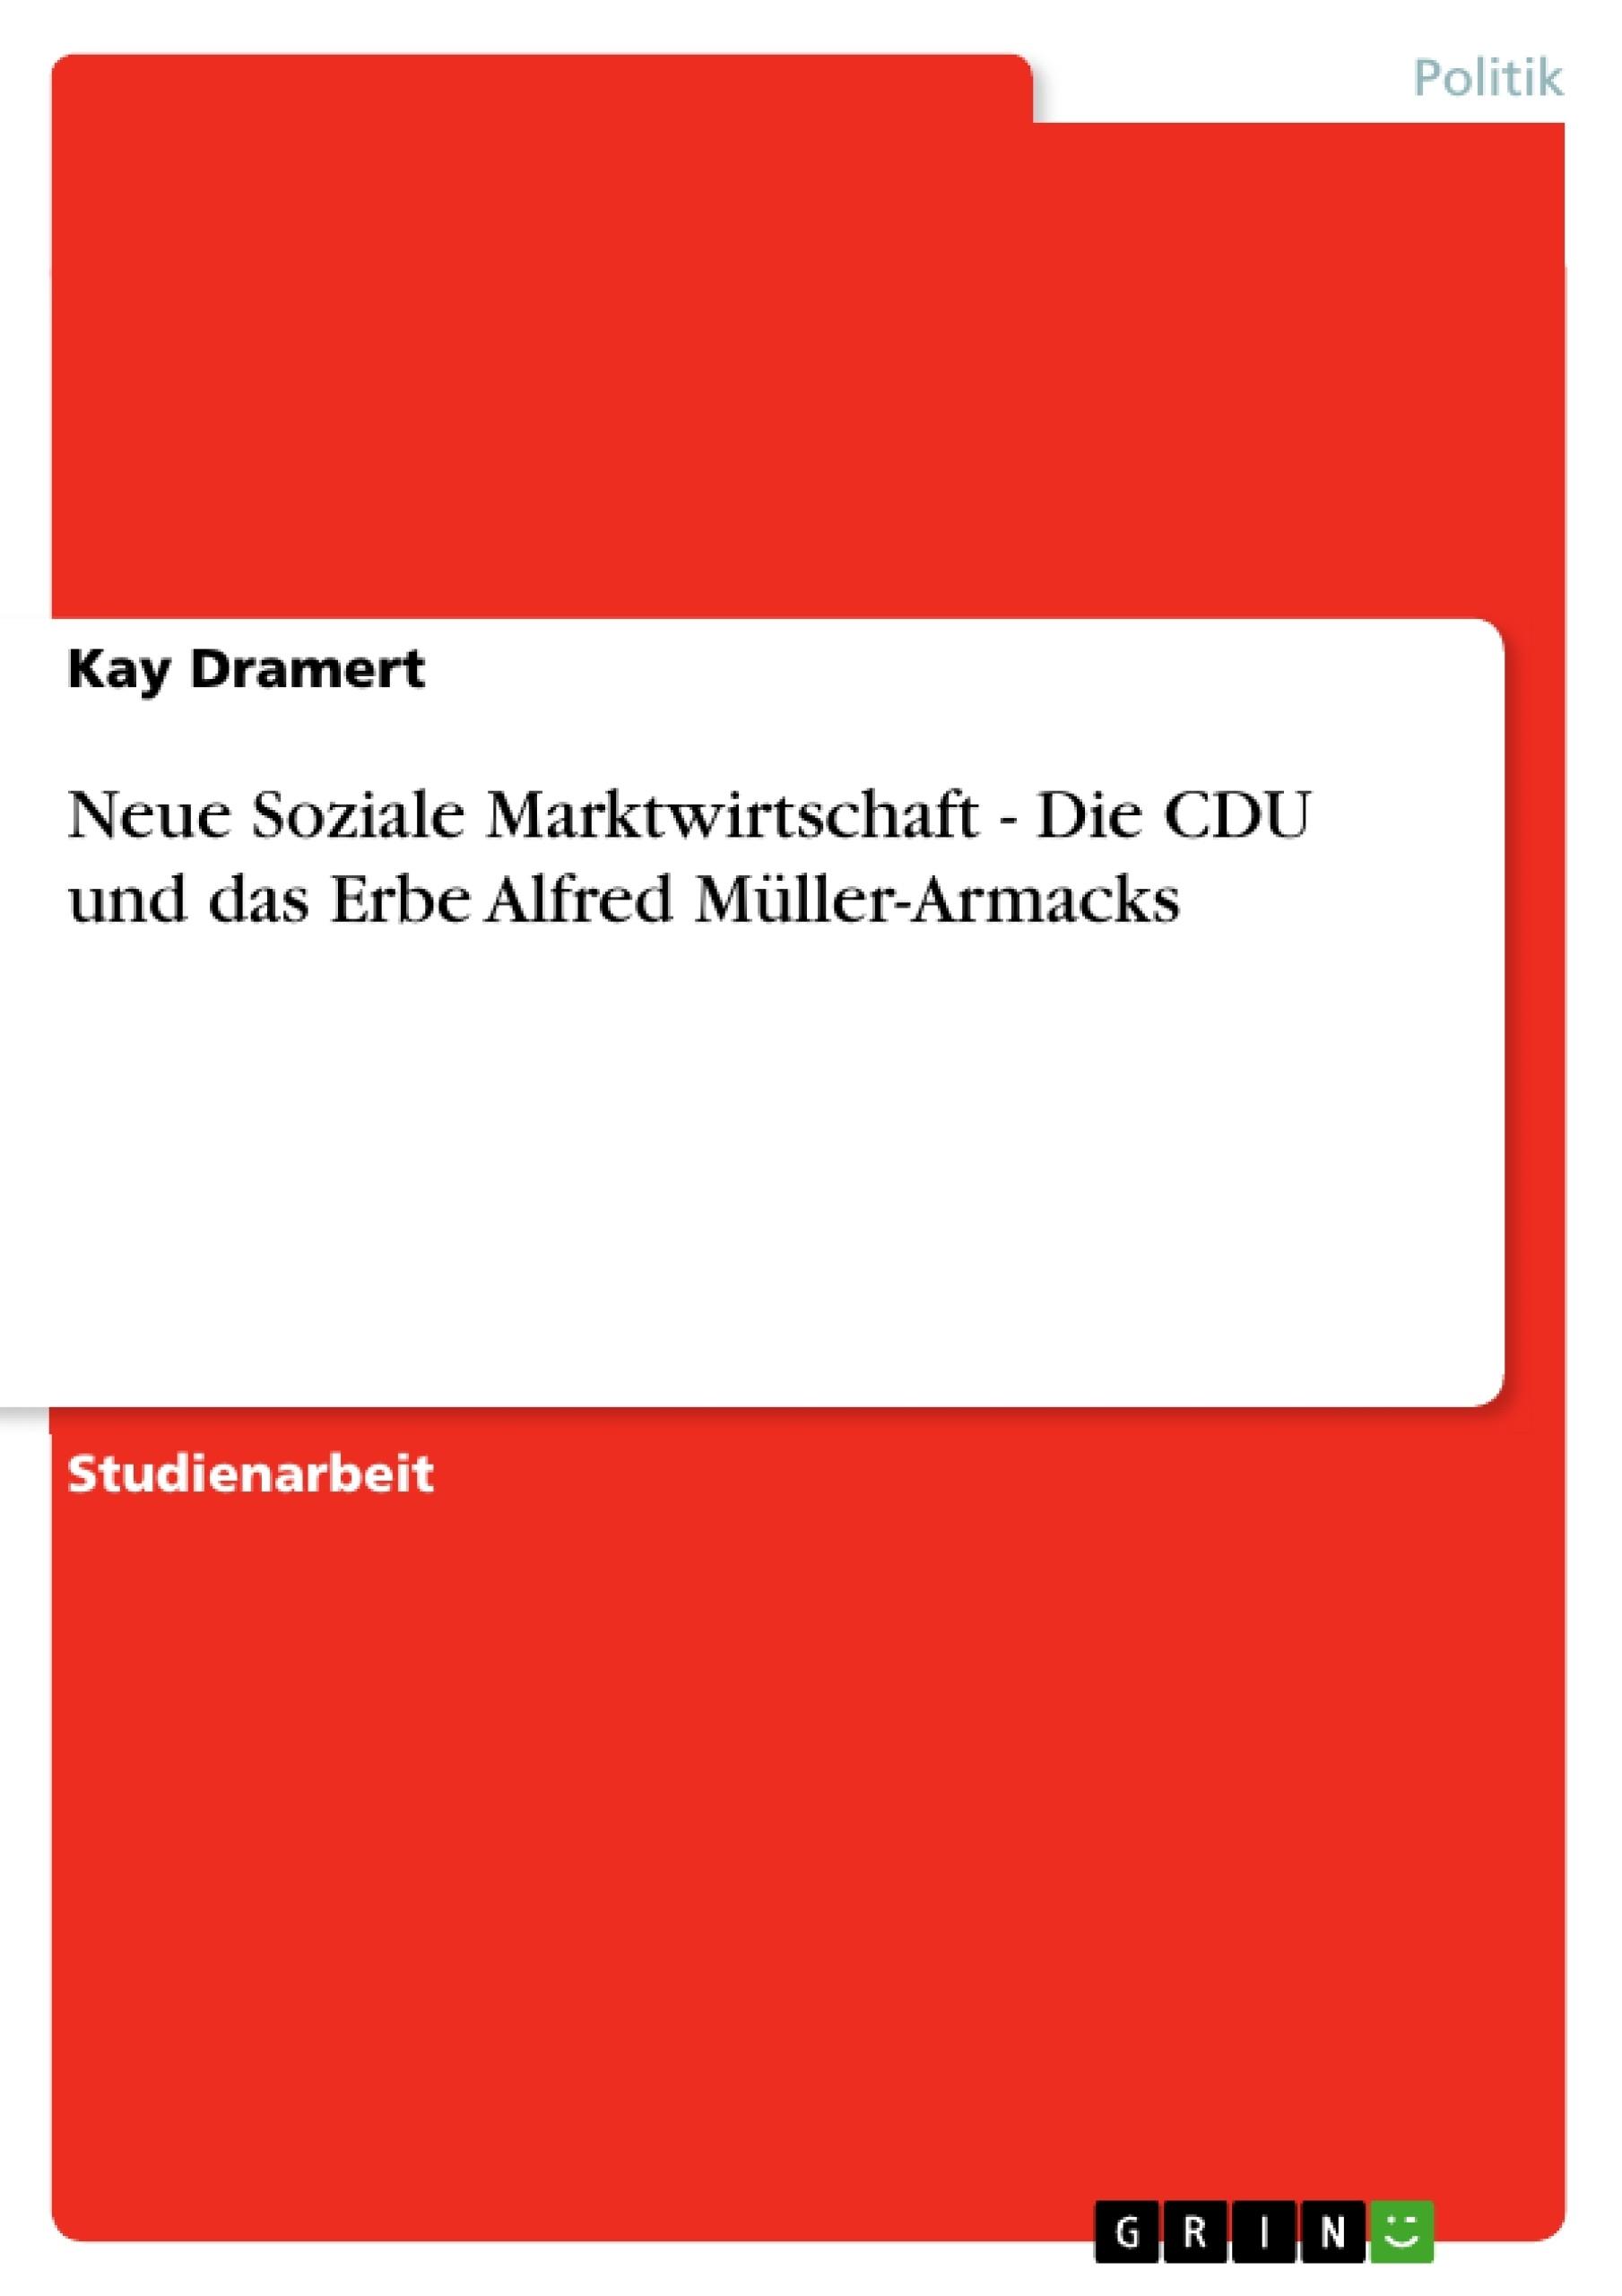 Titel: Neue Soziale Marktwirtschaft - Die CDU und das Erbe Alfred Müller-Armacks